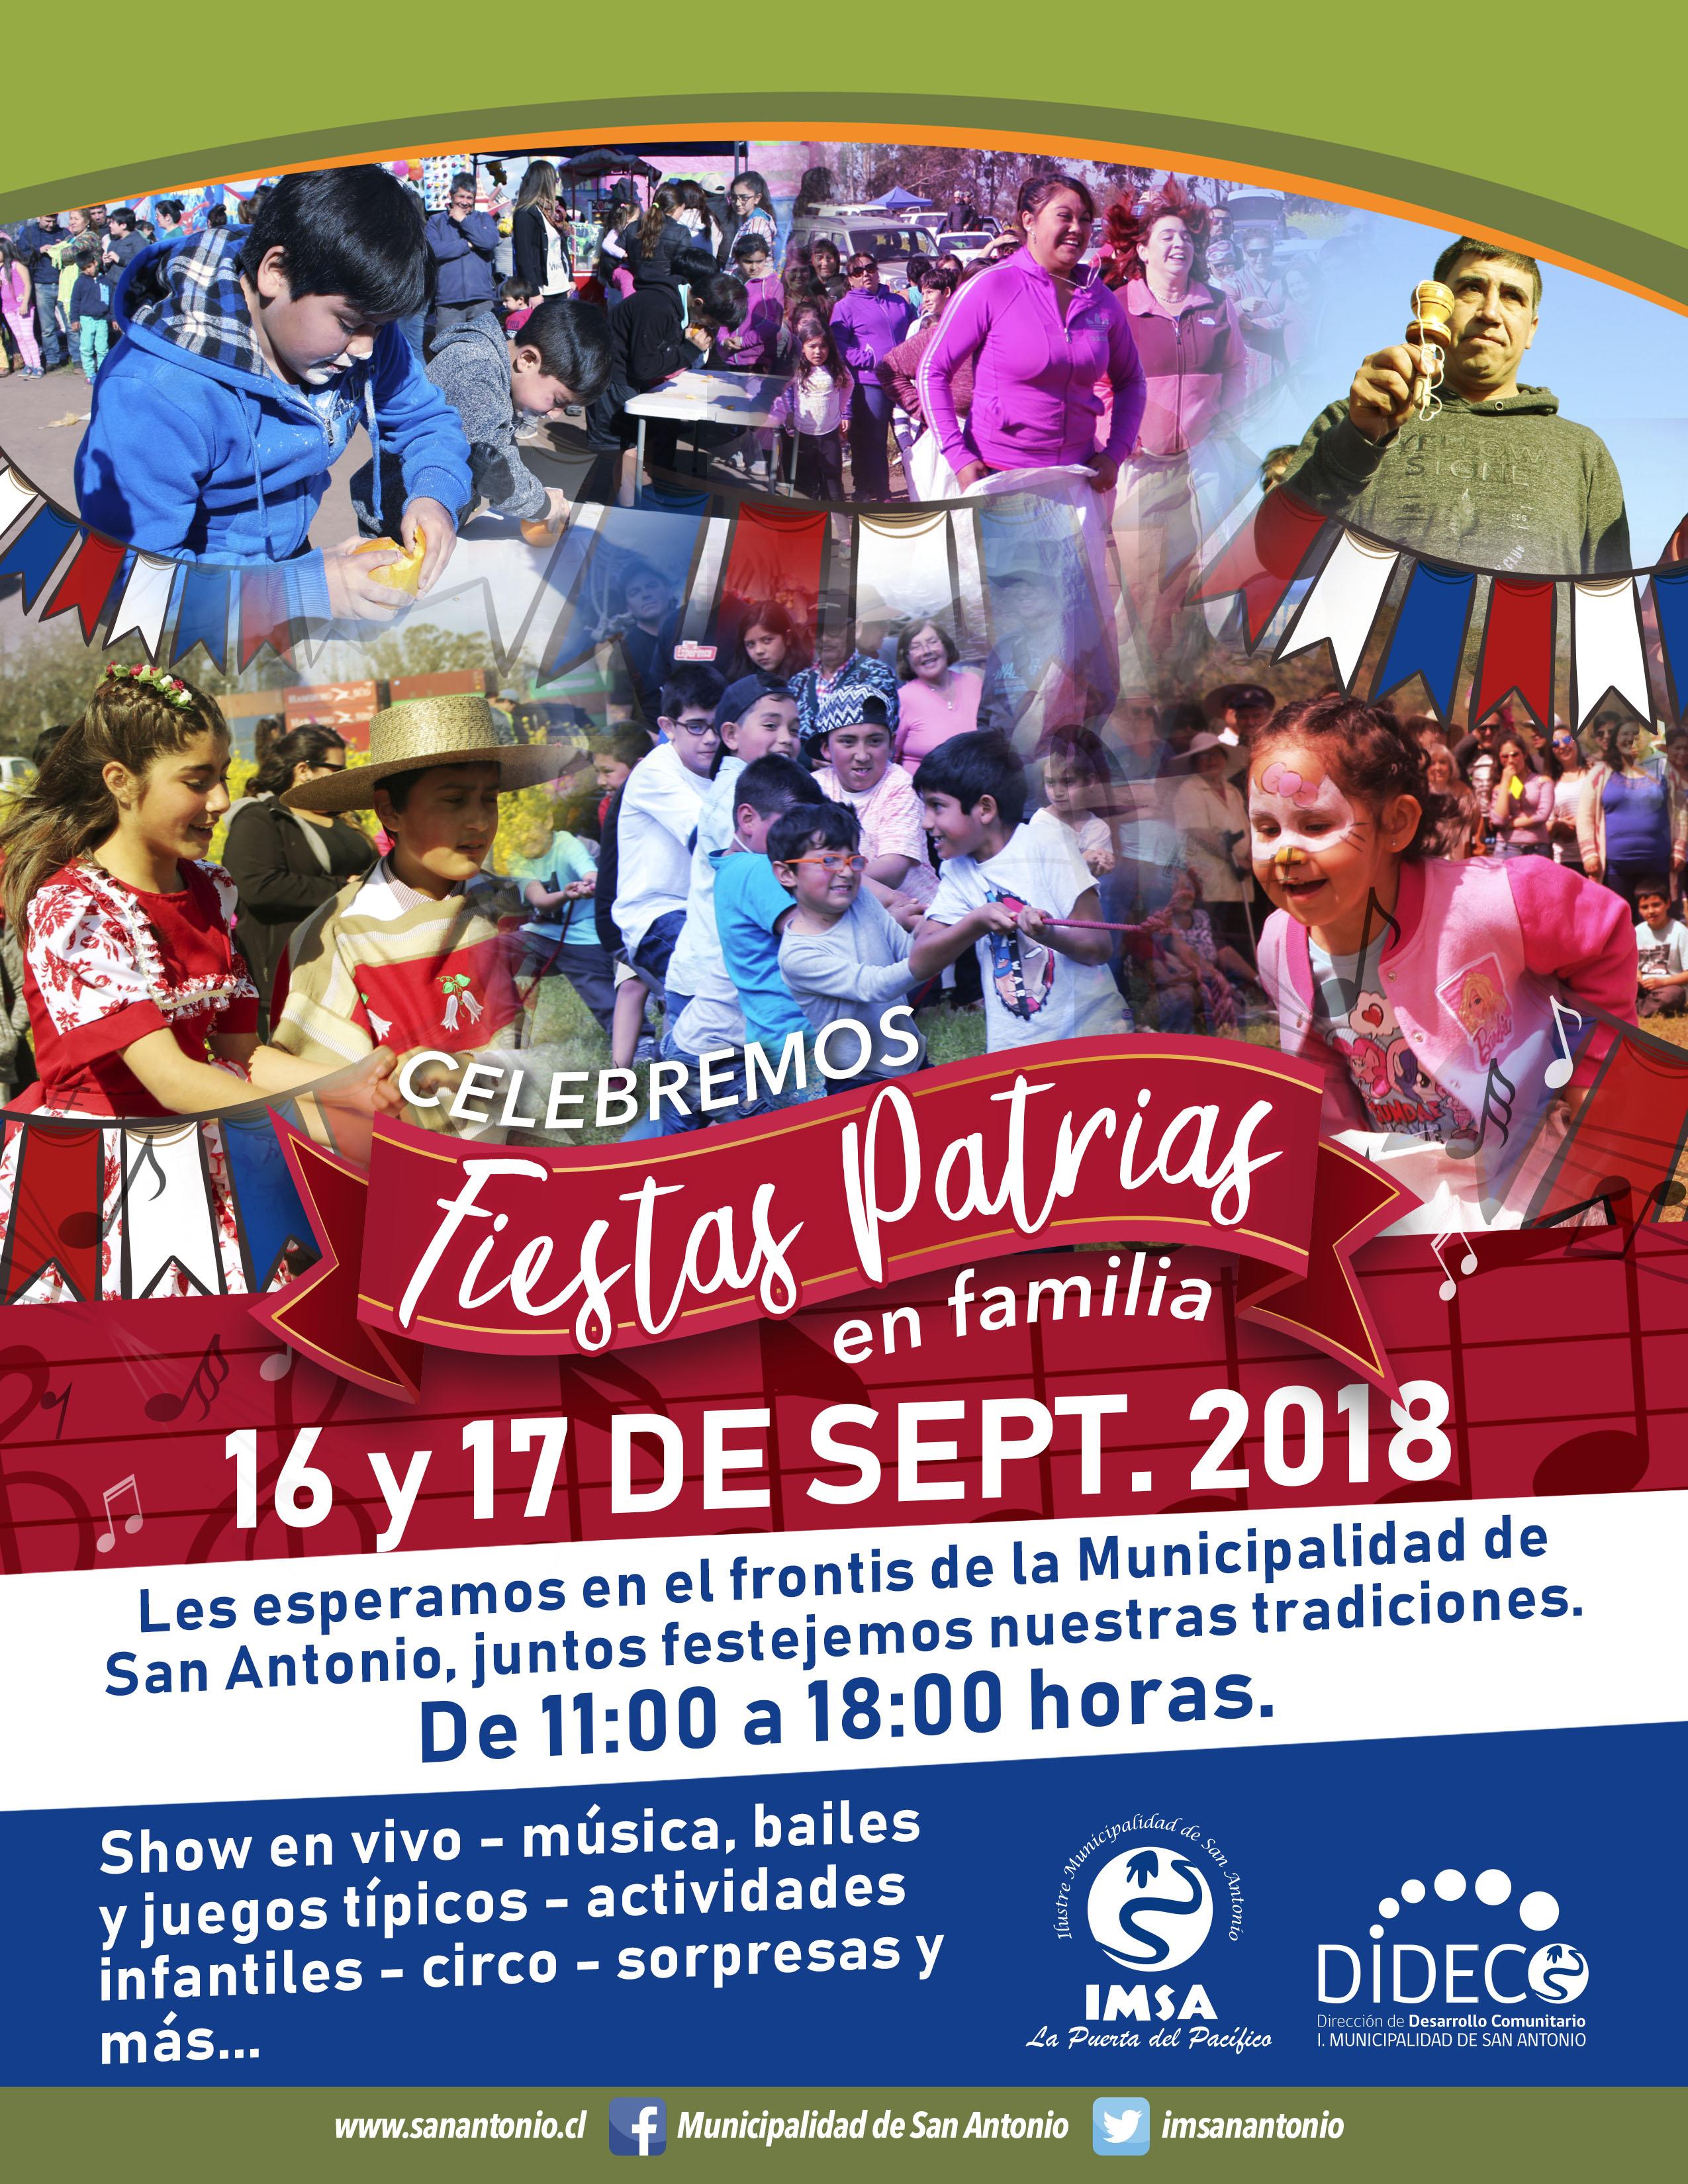 Municipio Invita A Celebrar Fiestas Patrias En Familia I